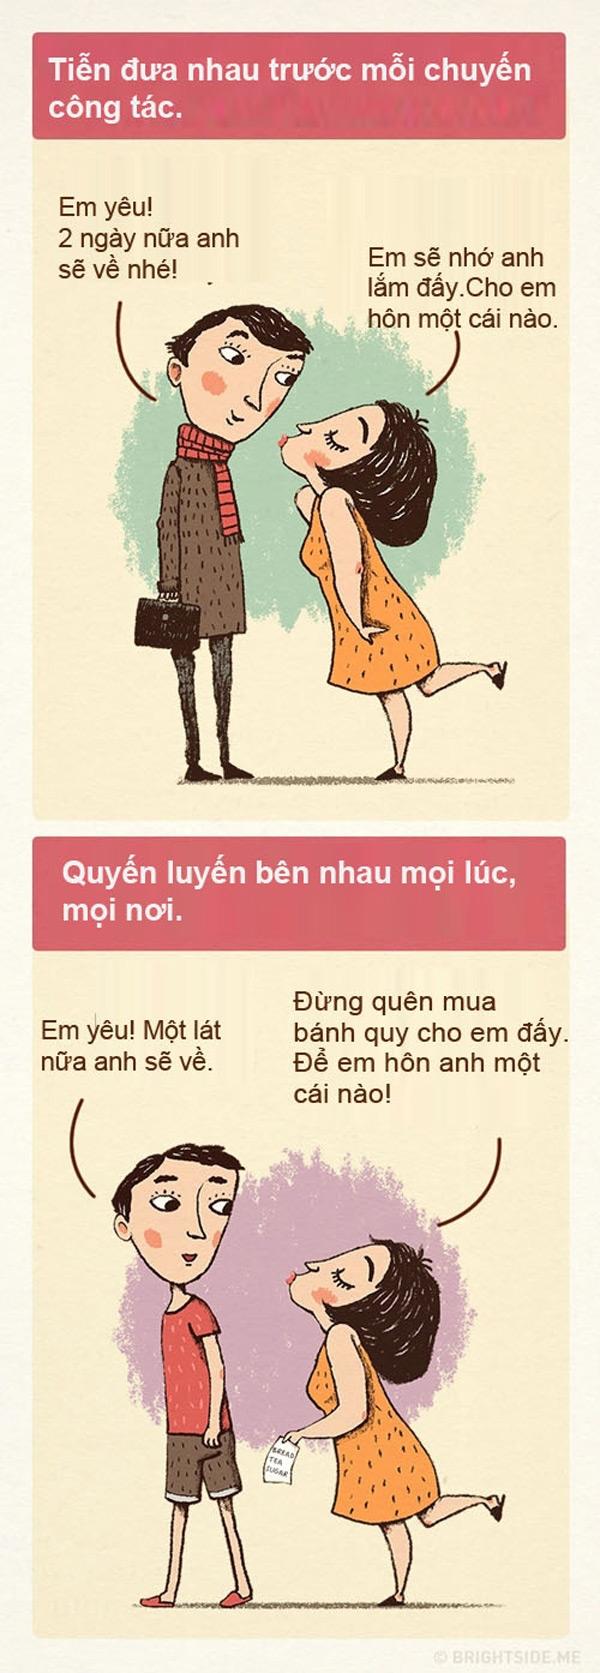 9 bí kíp đáng học hỏi ở các cặp đôi hạnh phúc